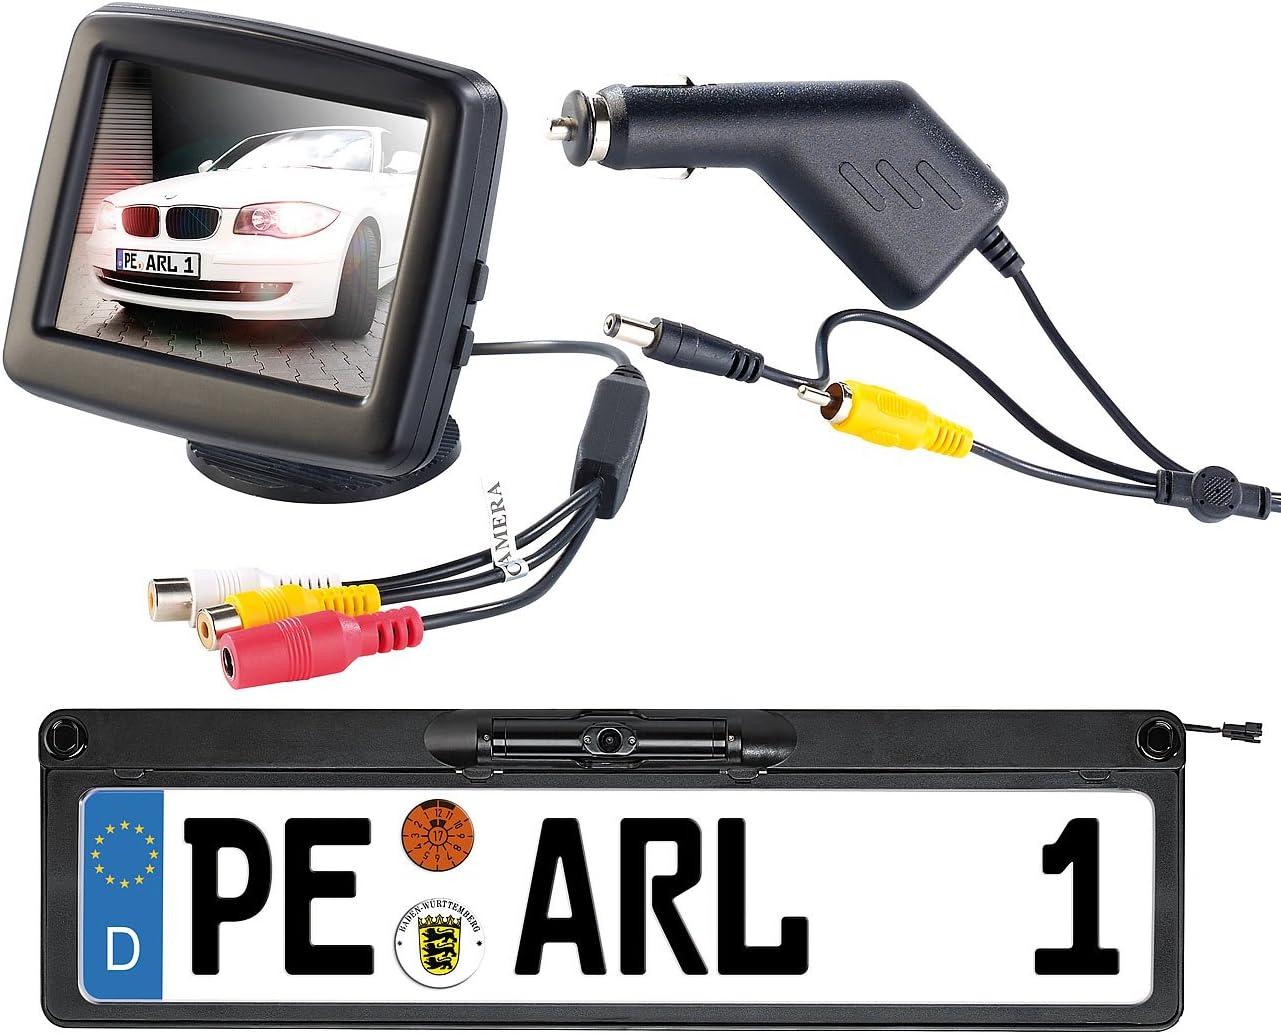 Lescars Funk Rückfahrkameras Funk Rückfahrkamera Pa 500n Lcd Farbmonitor 3 5 8 9cm Funk Rückfahrsystem Auto